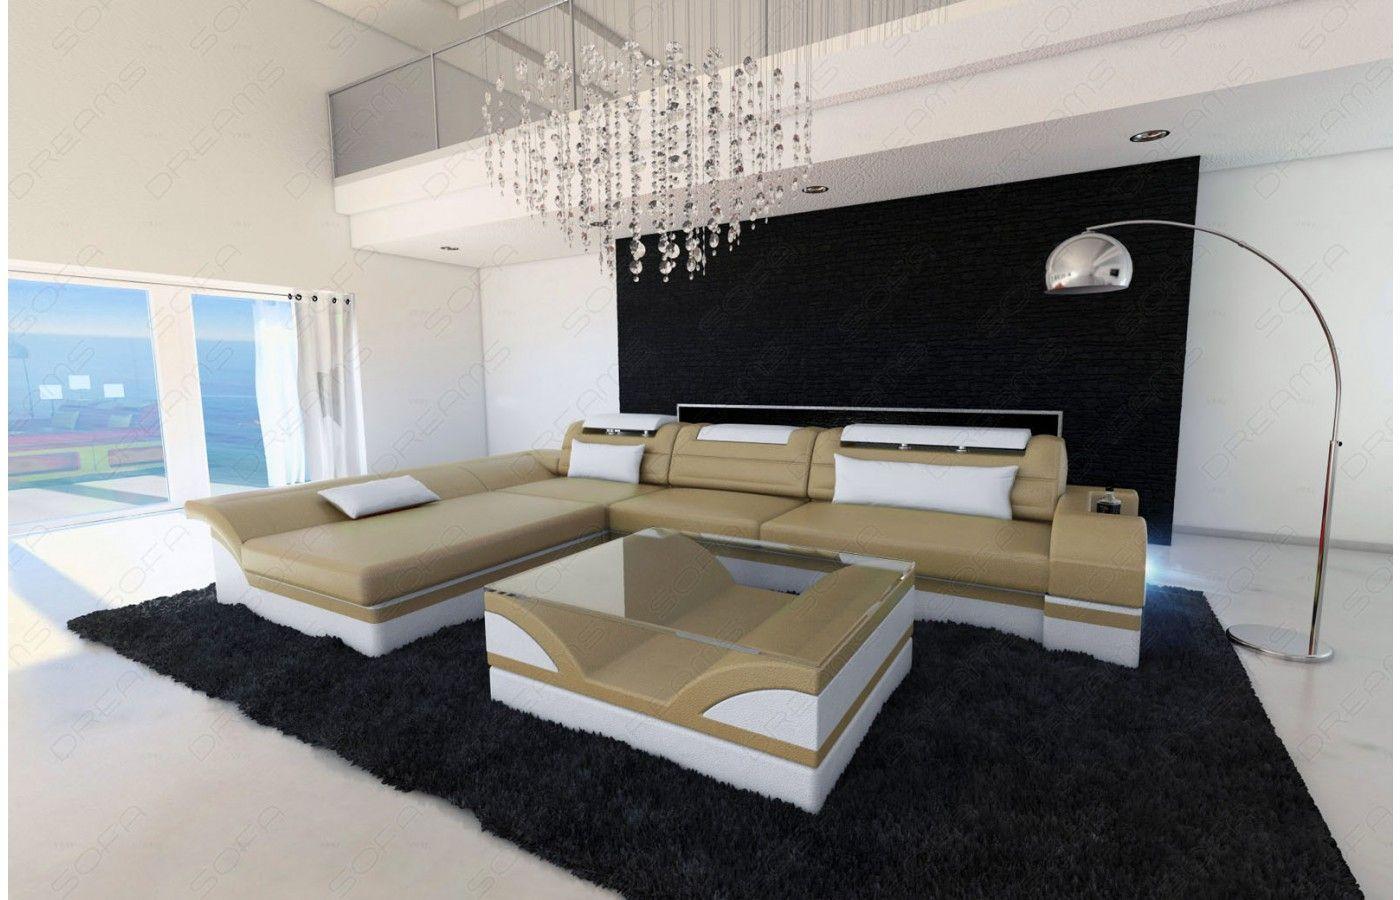 Ledersofa modern beige  Designer Ledersofa MONZA L Form in beige-weiß - Exklusiv bei #Sofa ...